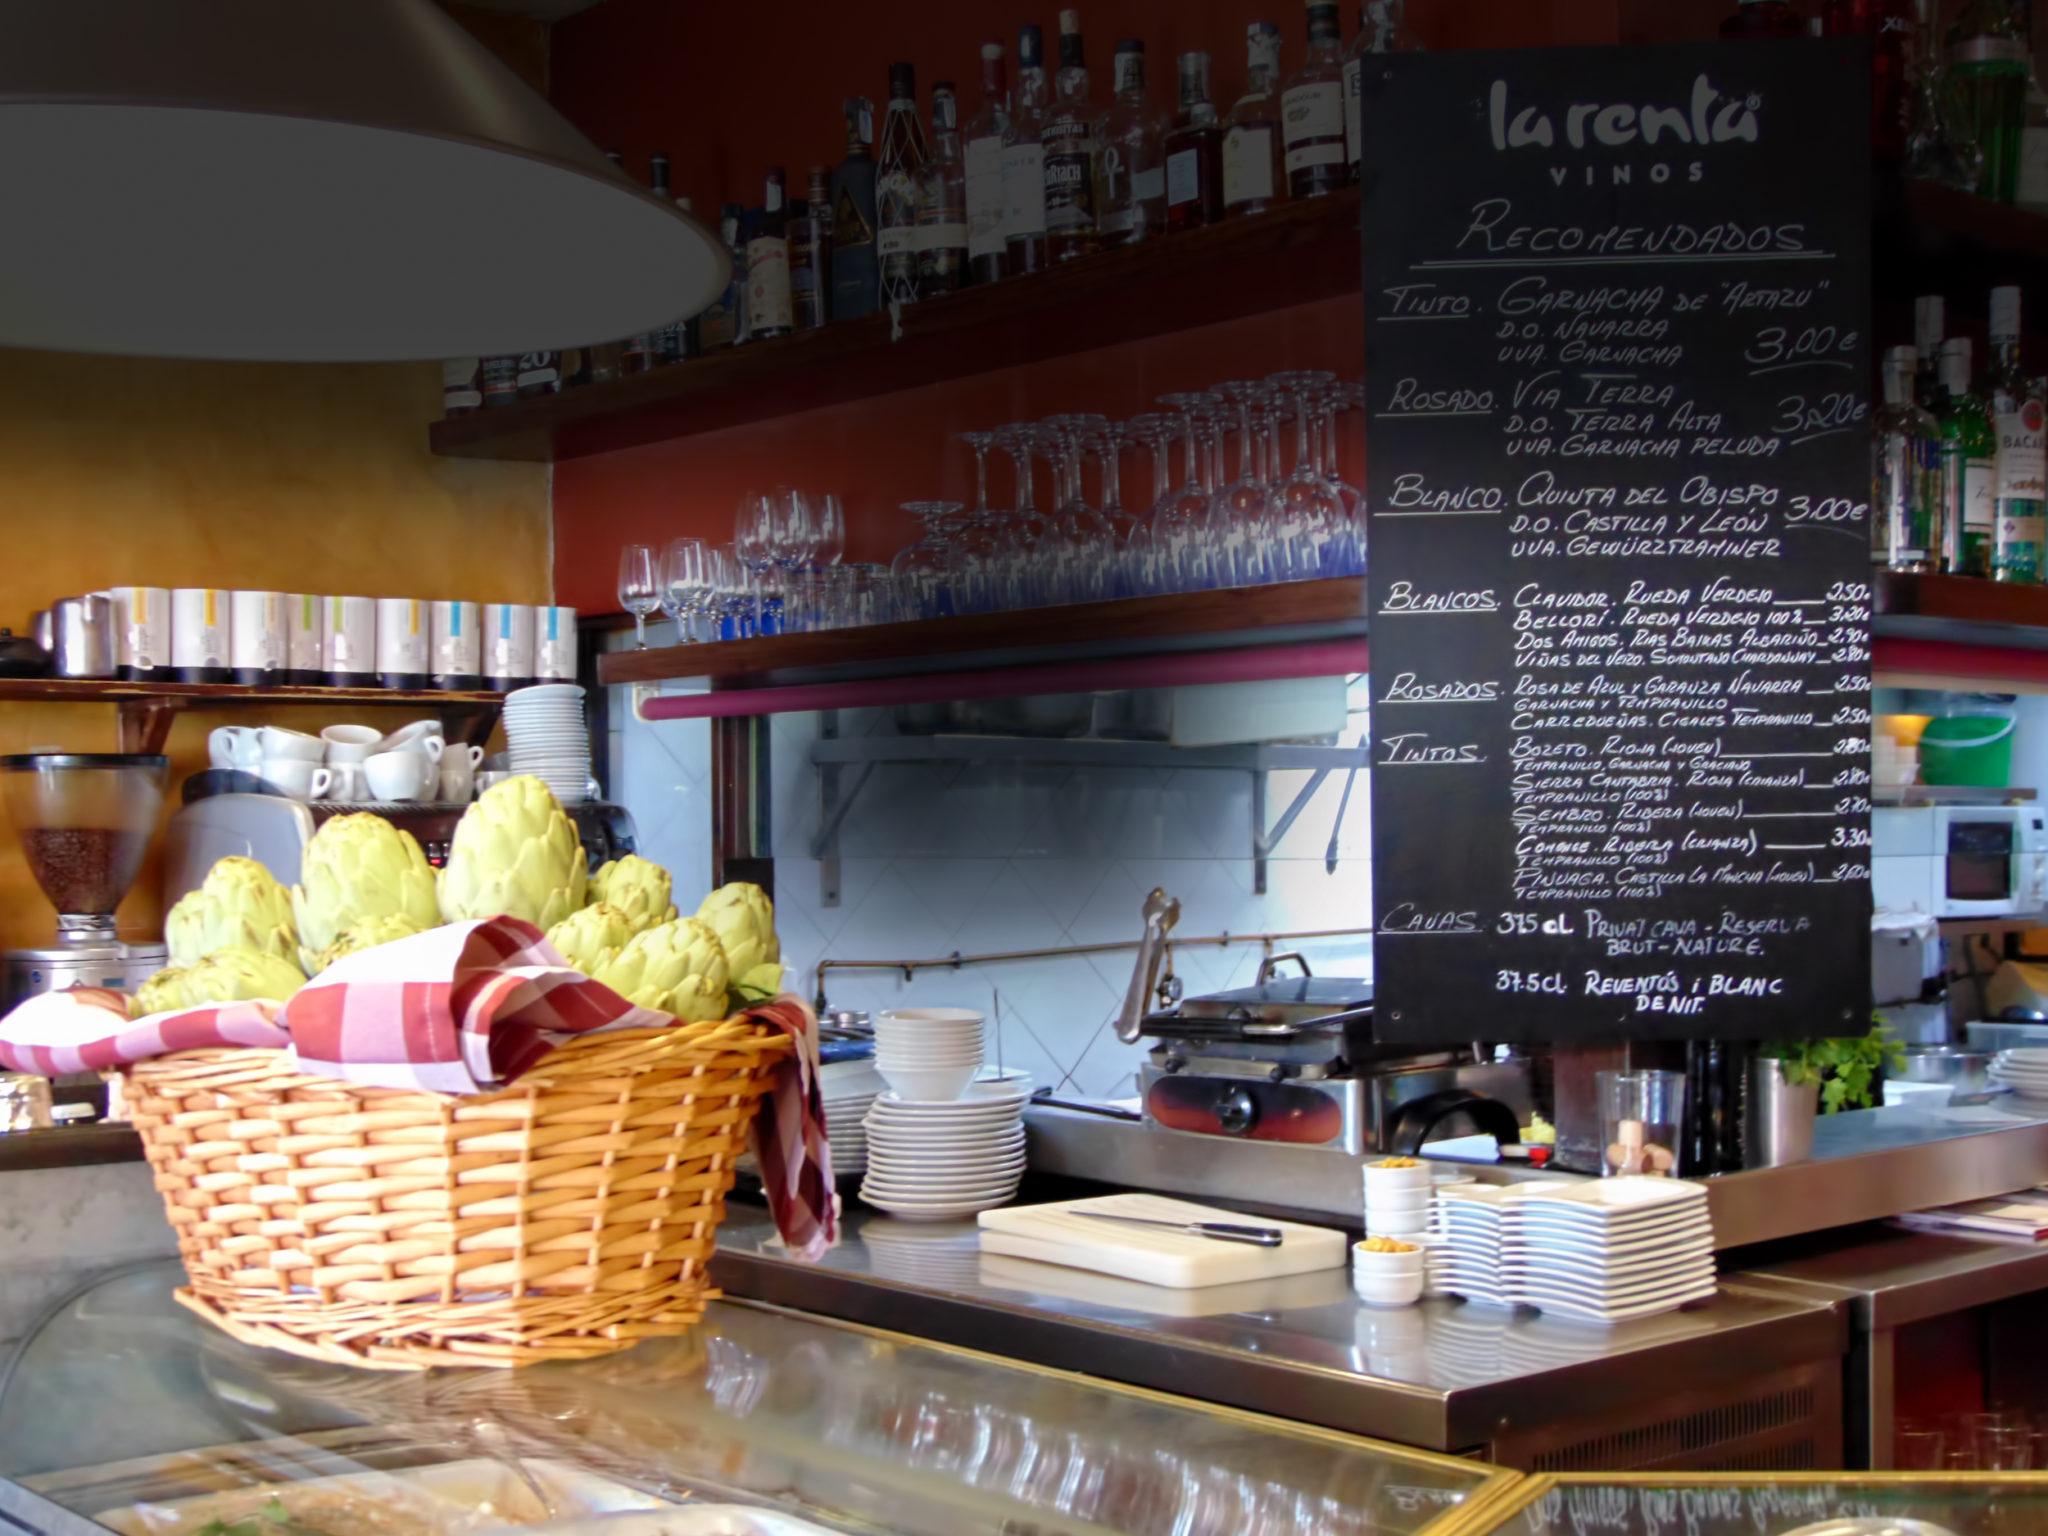 la renta cocina bar: restaurante en majadahonda